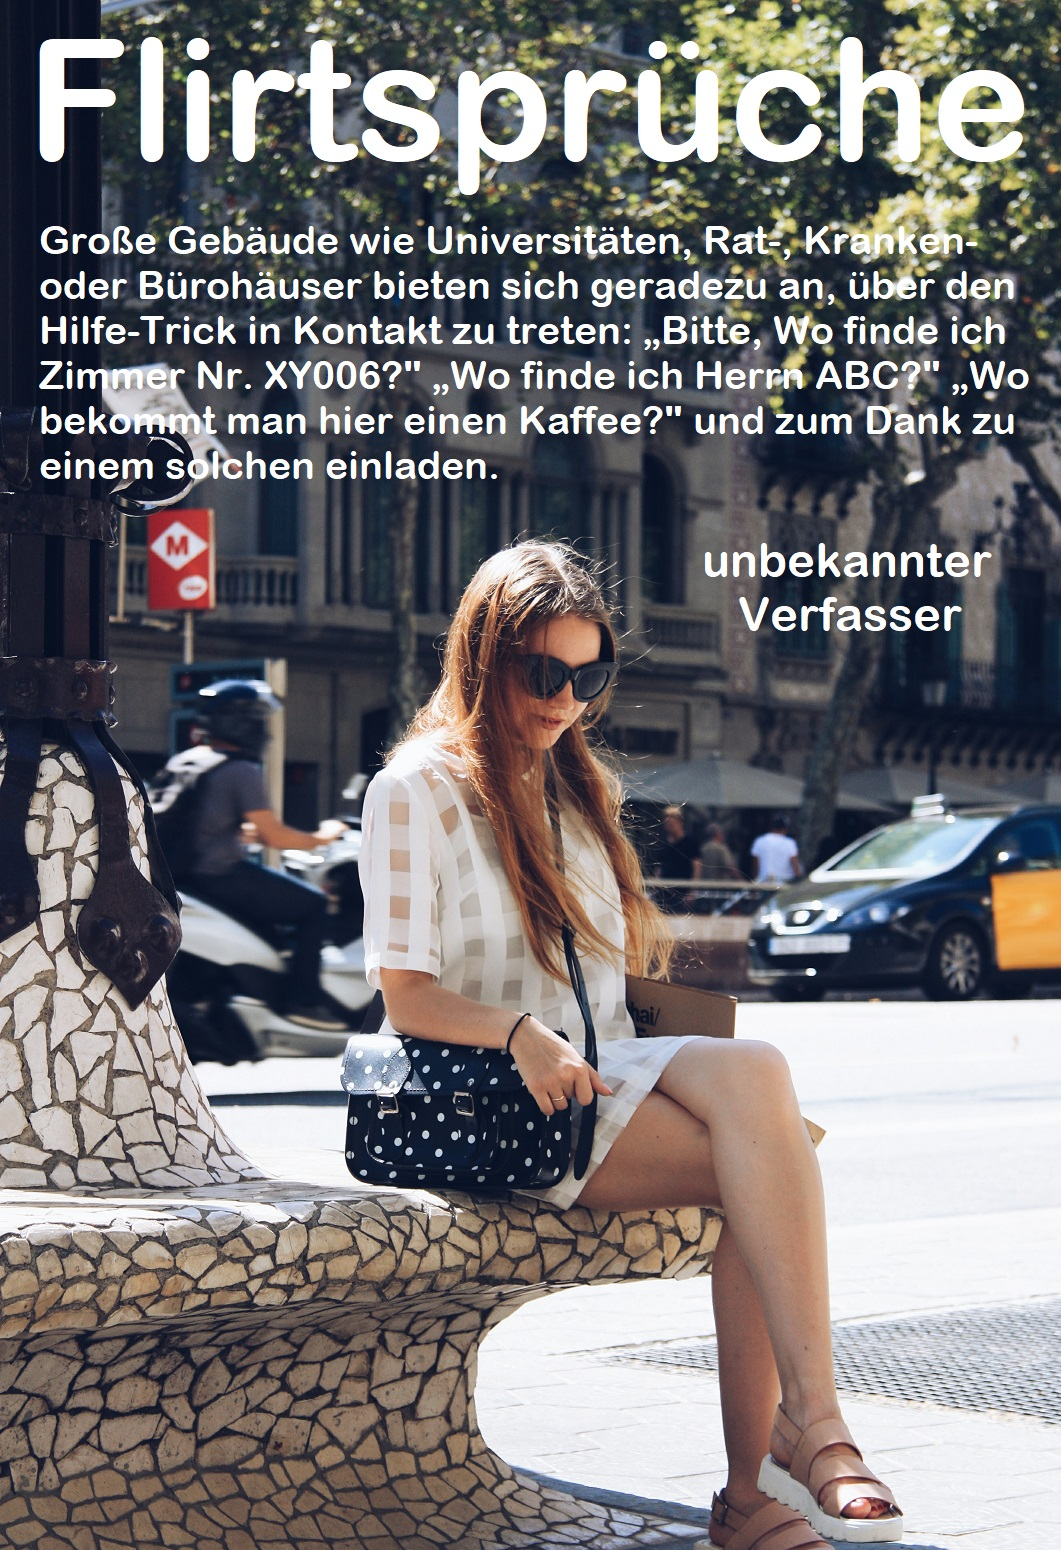 Sprüche zum Flirten verwenden - Teil 2 | Gutscheinspruch.de